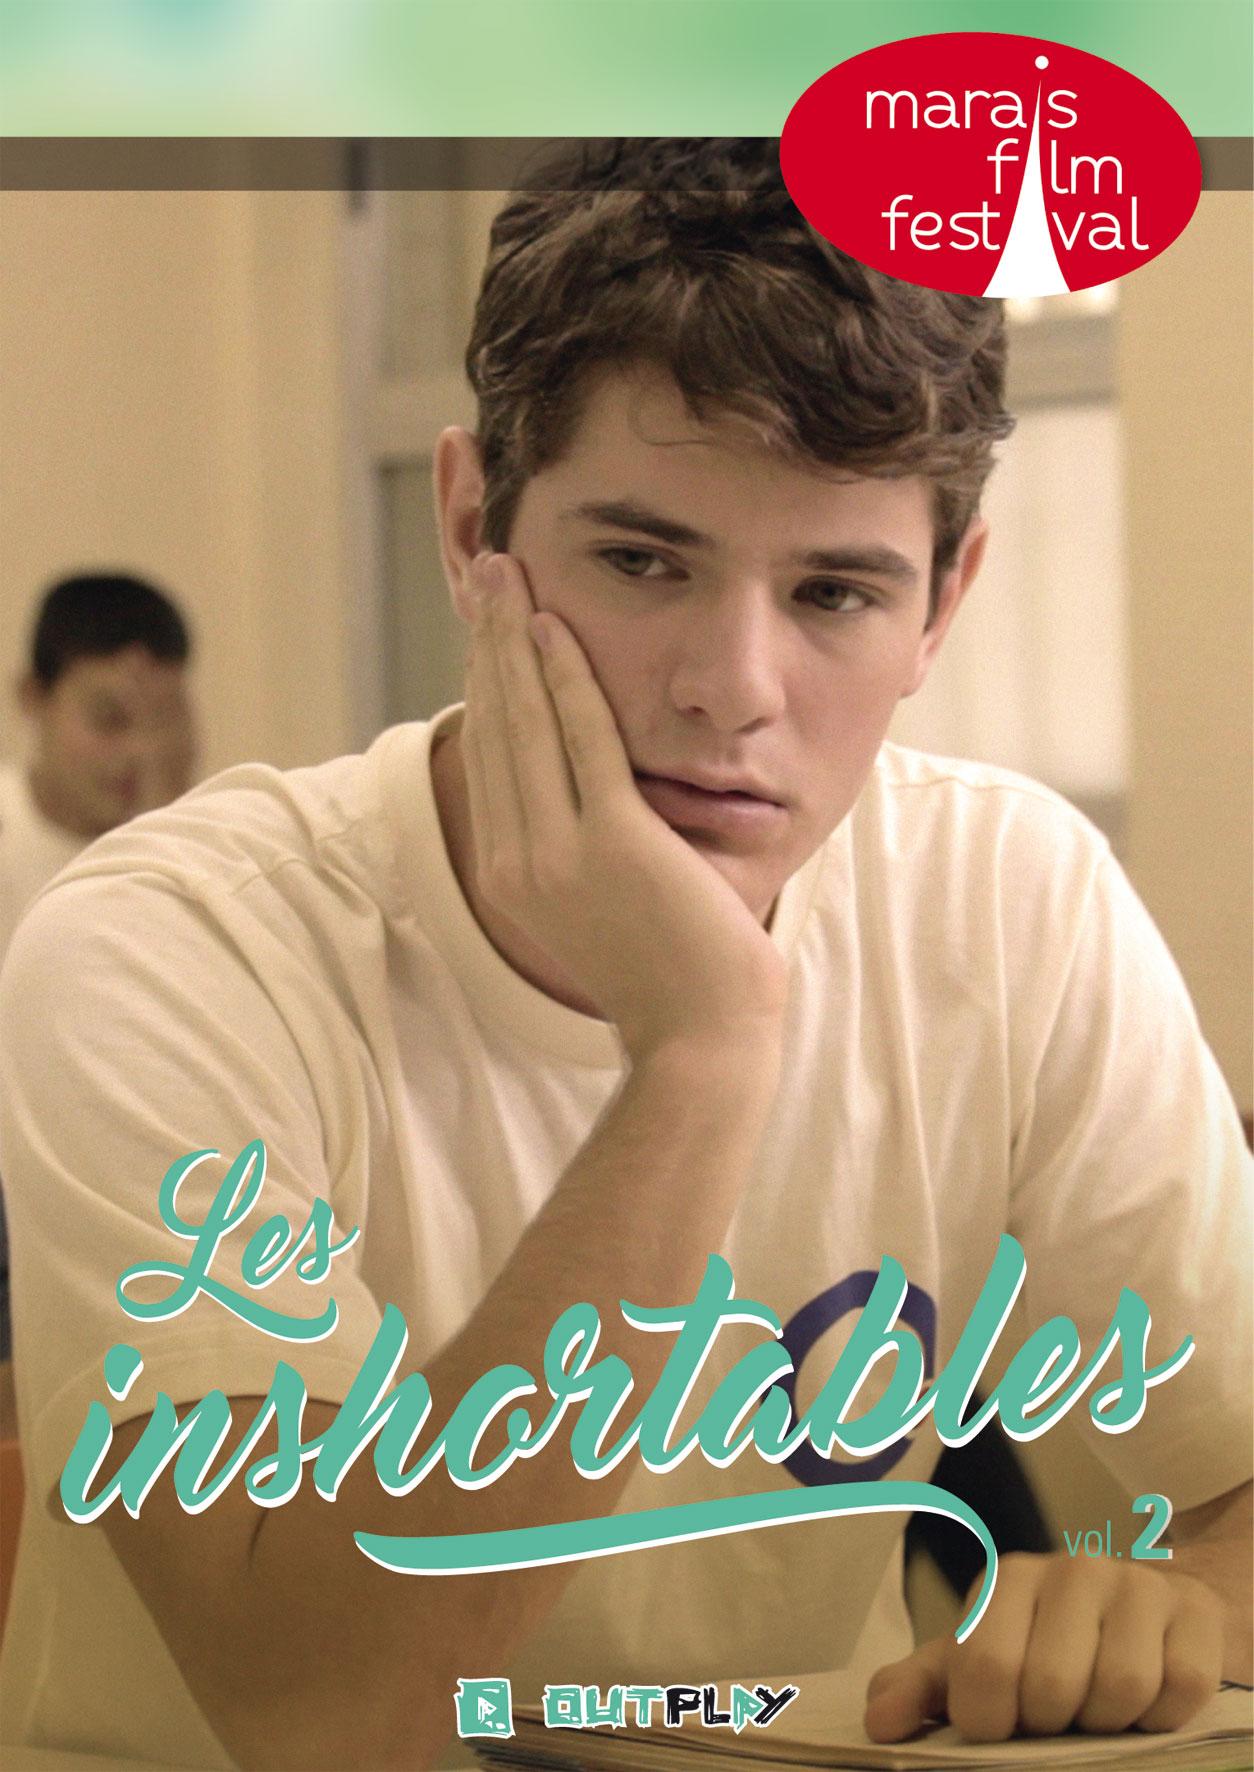 LES INSHORTABLES – Vol.2